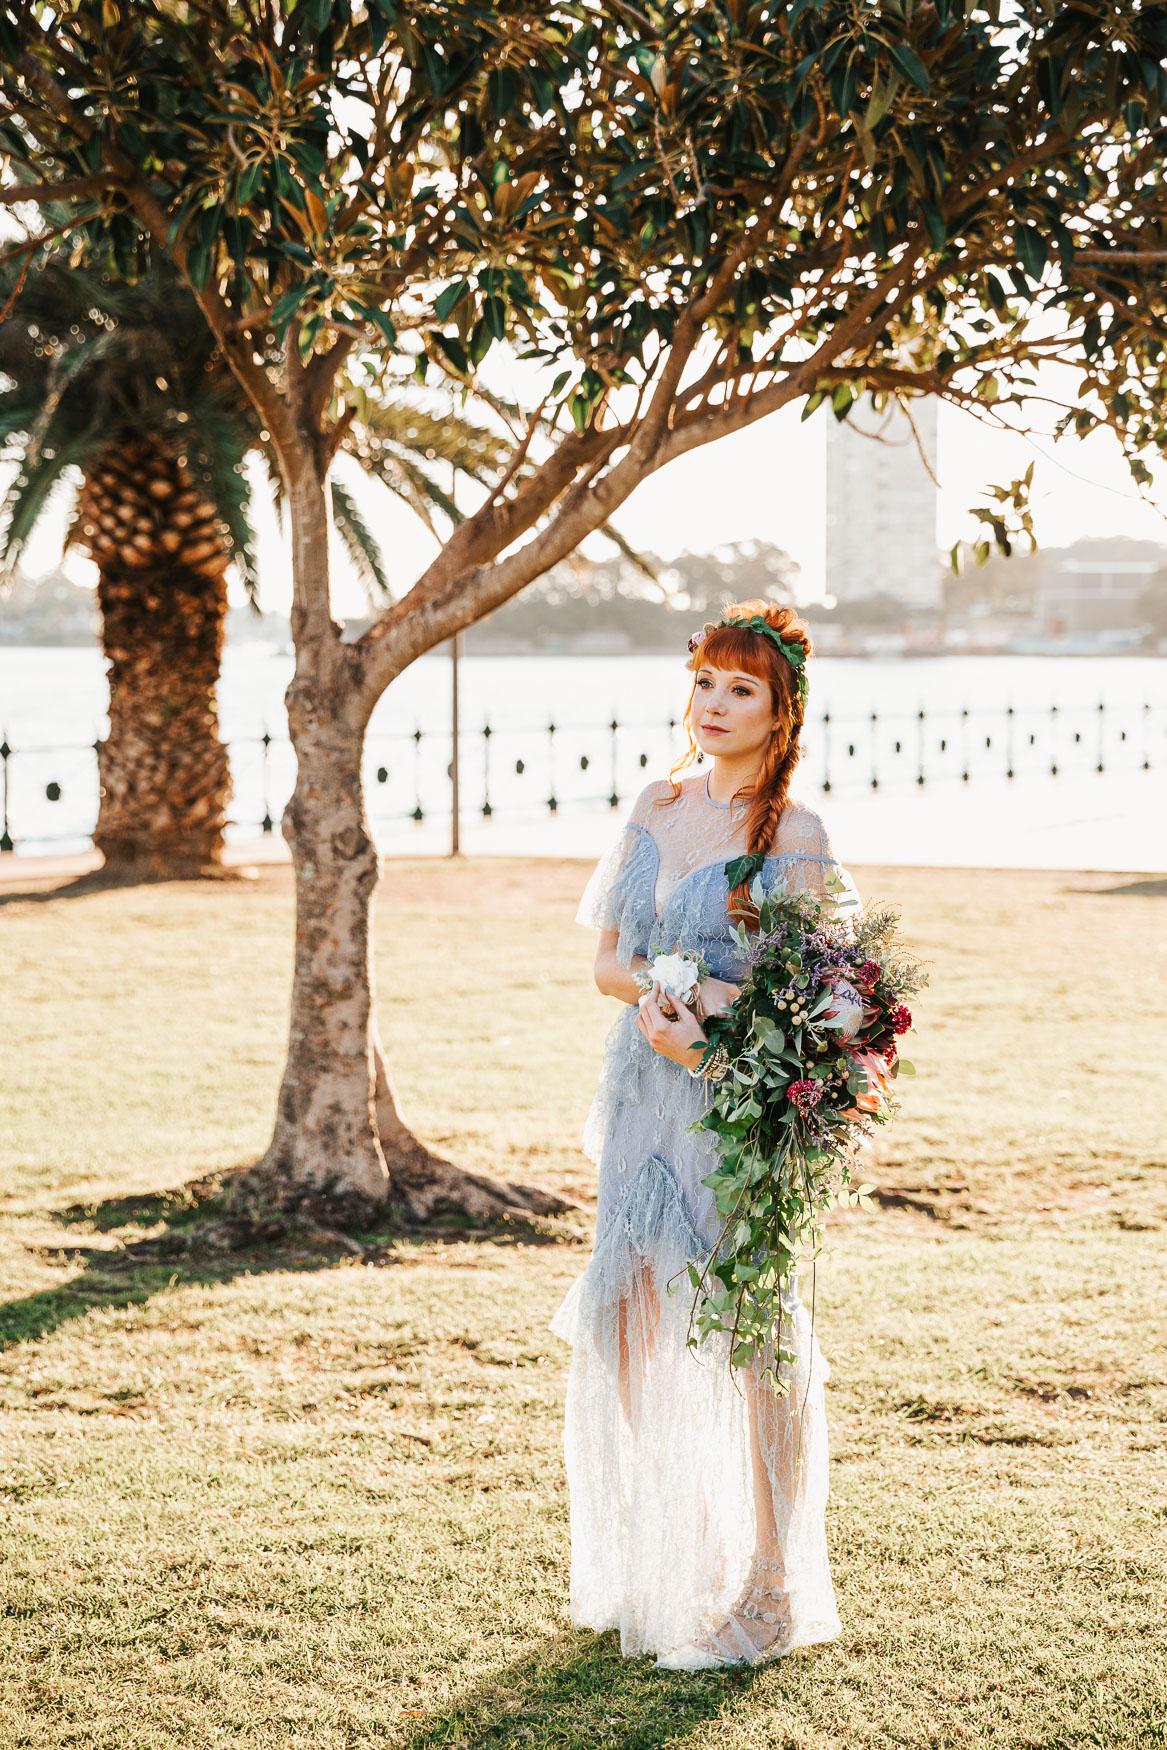 Sunset bride at elopement wedding in sydney